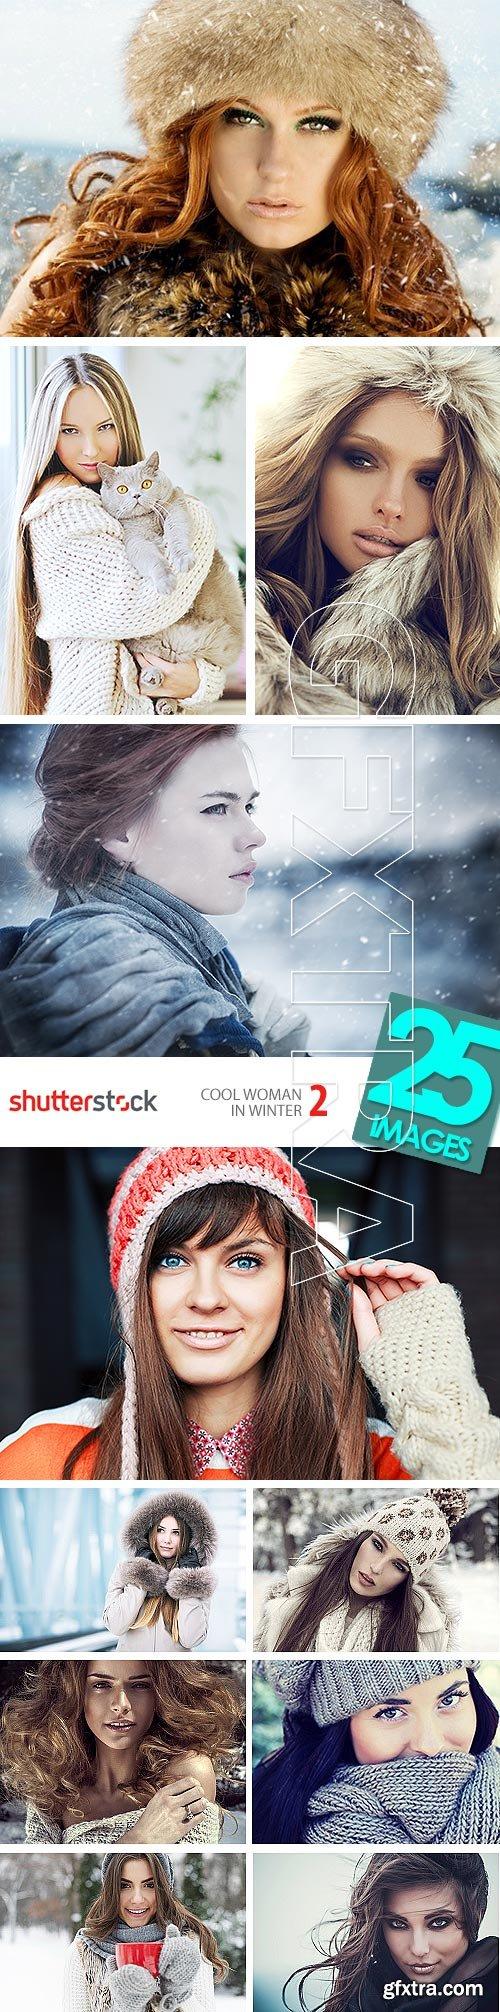 Cool Woman in Winter 2, 25xJPG